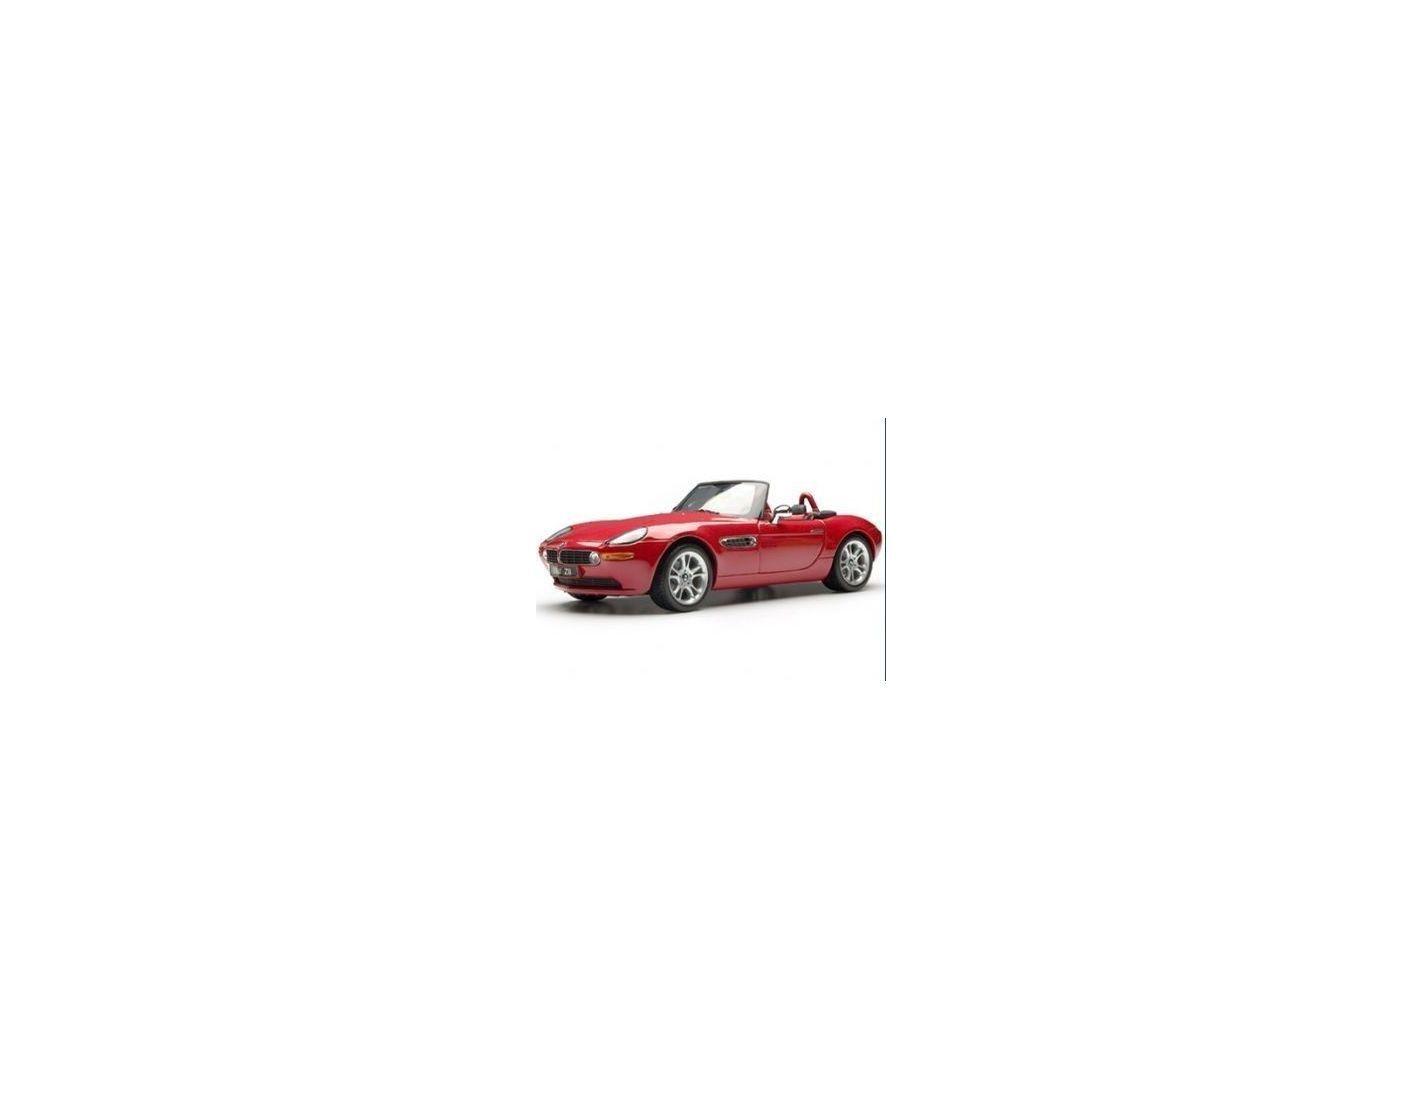 Kyosho 8511r Bmw Z8 Rossa 1 18 Modellino Nakmrg5996 Toys Games